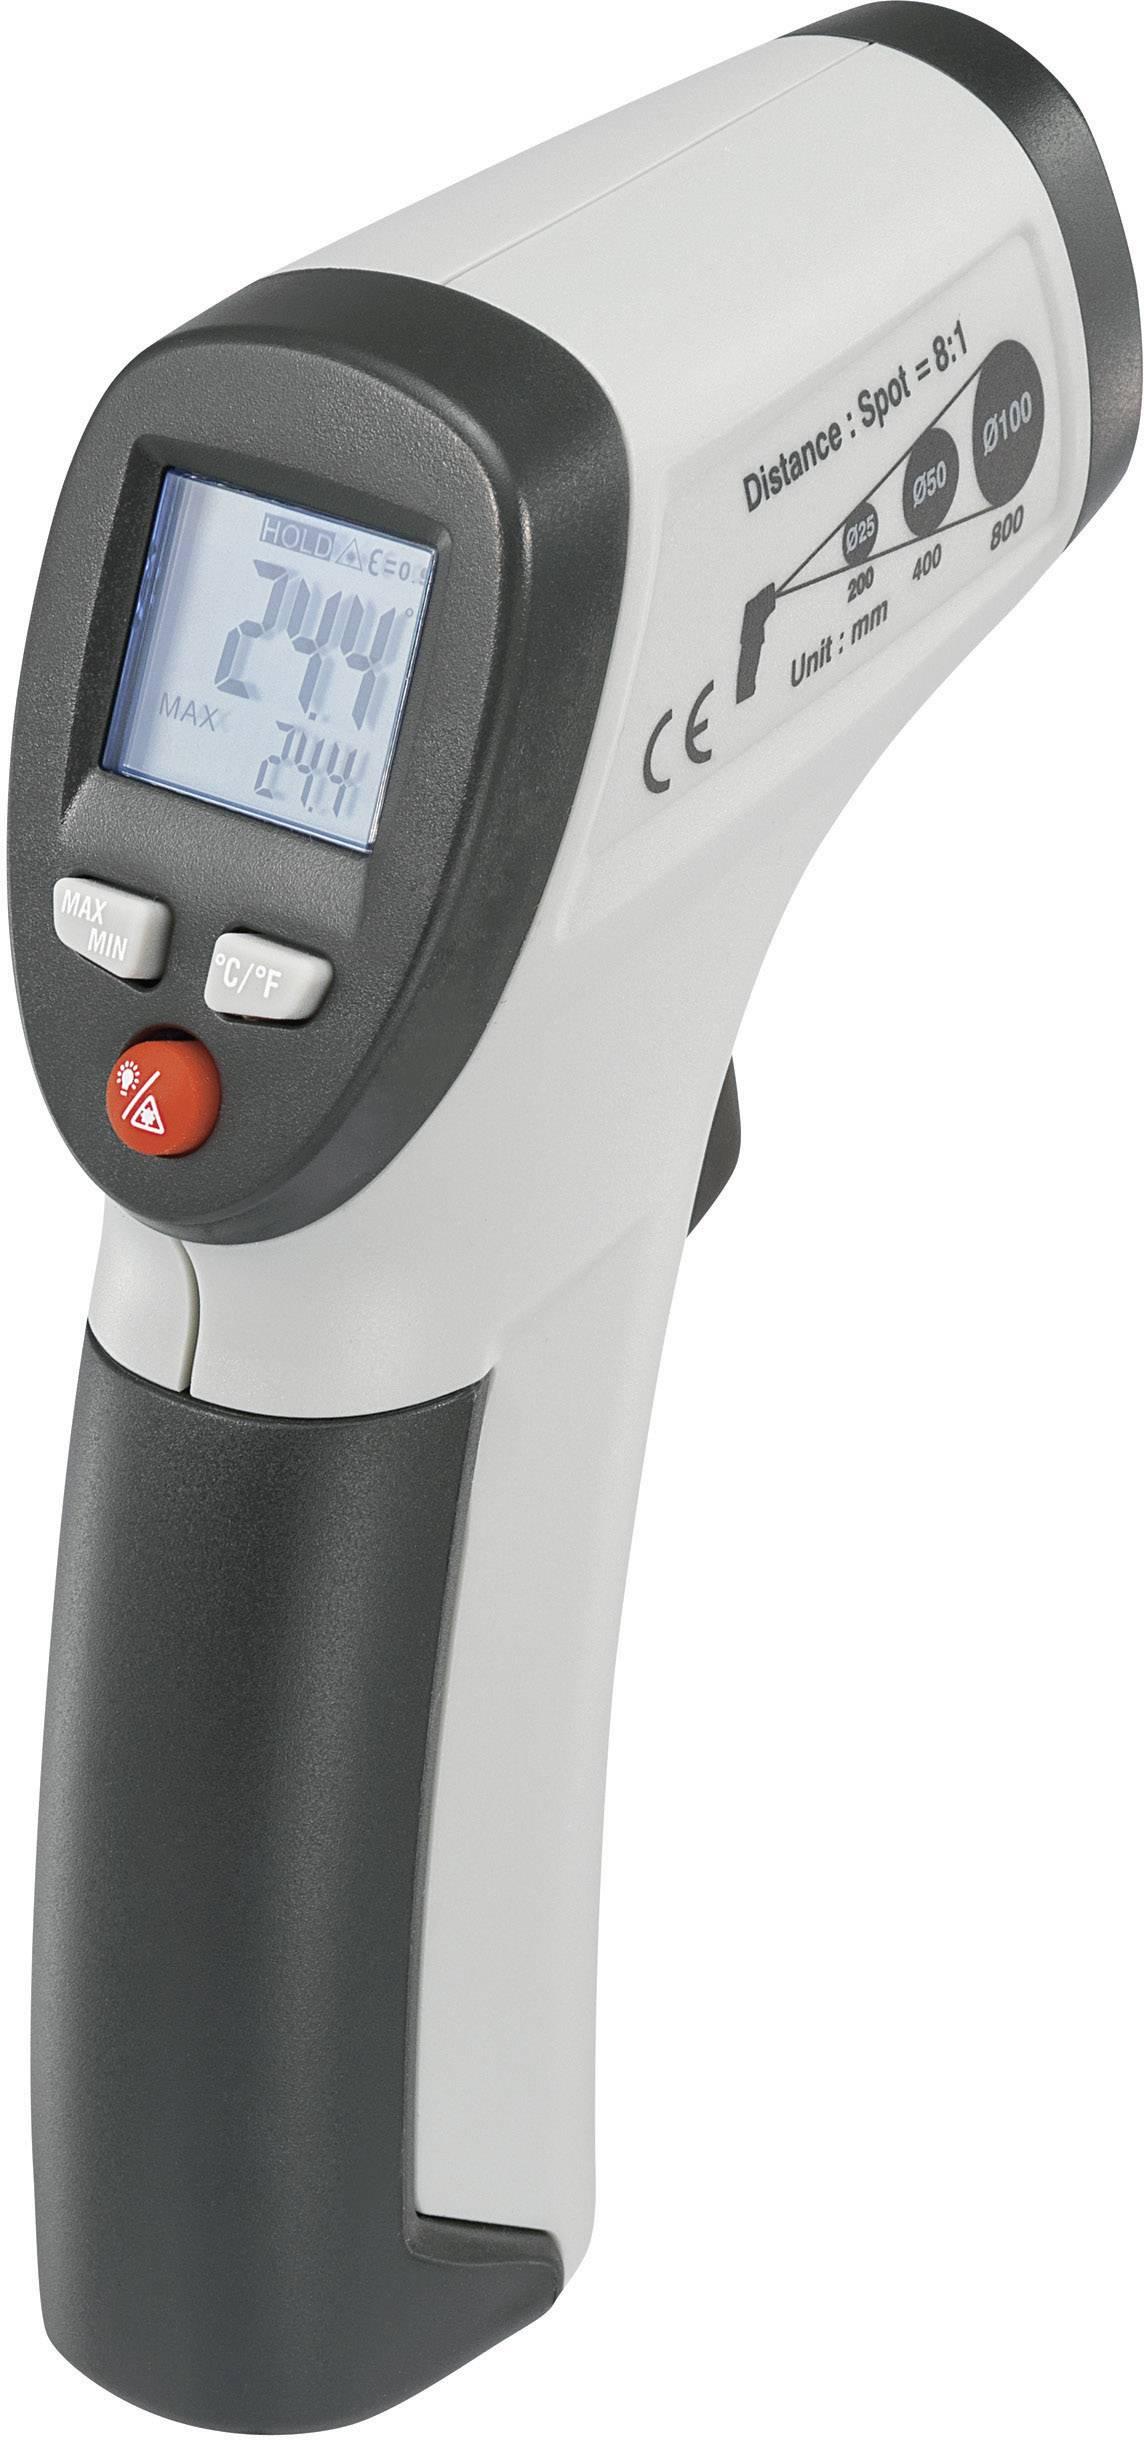 Infračervený teploměr VOLTCRAFT IR 500-8S SE